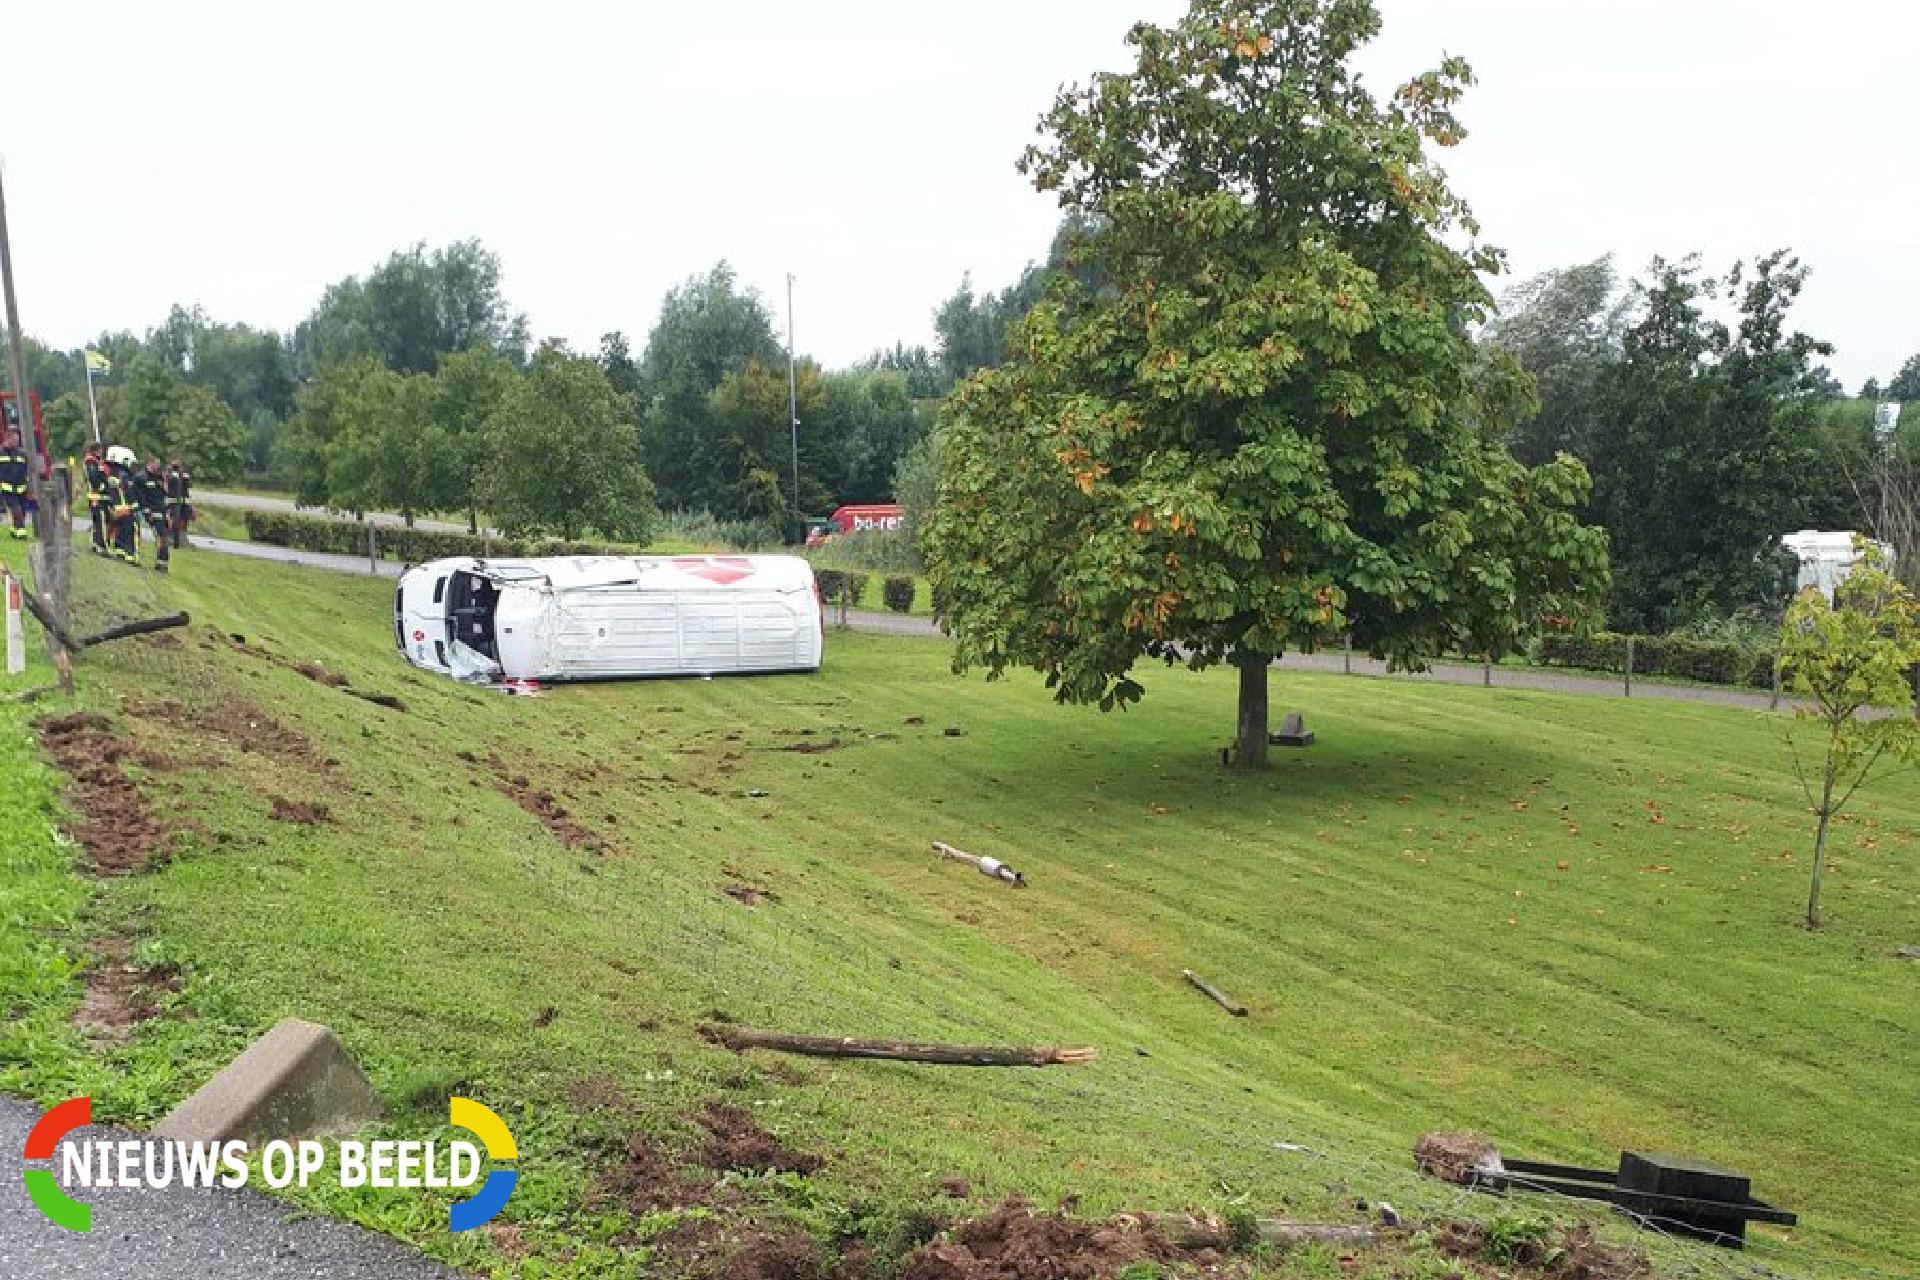 Pakketbezorger gewond  na crash met bestelbus Lekdijk West Bergambacht